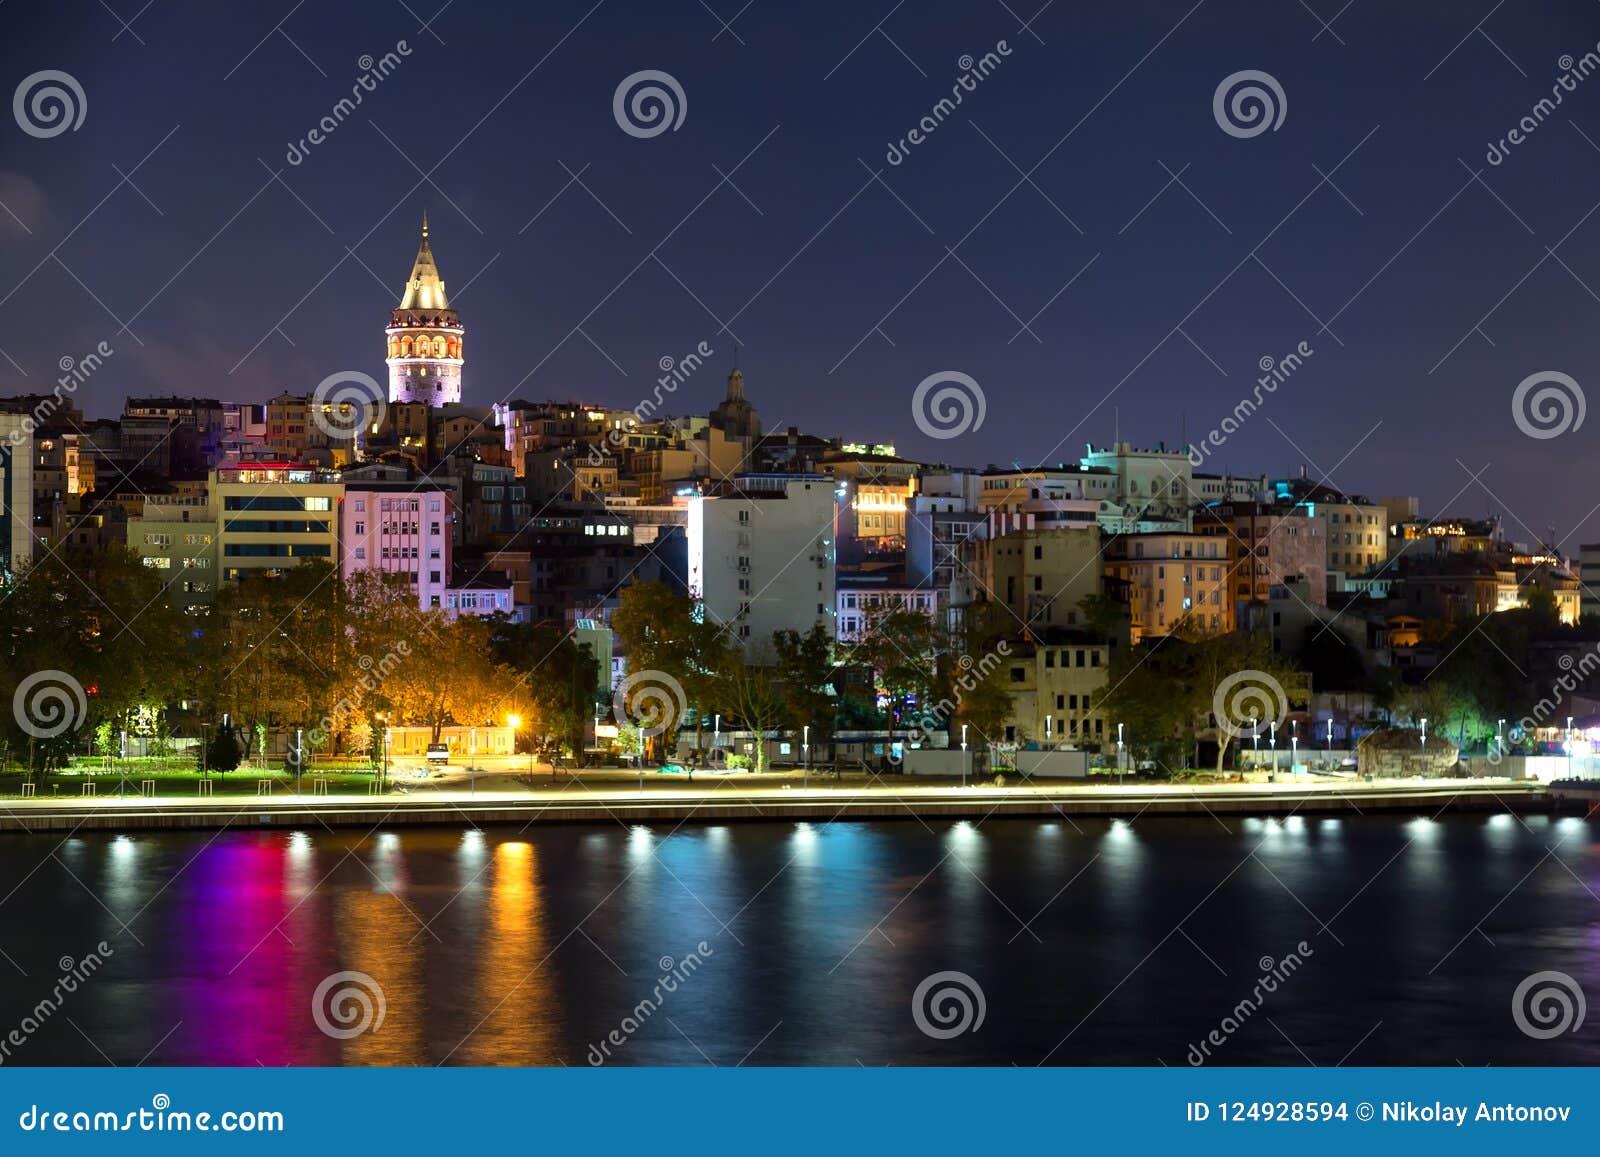 Ιστορική περιοχή Beyoglu και φωτισμένο ορόσημο πύργων Galata μεσαιωνικό στη Ιστανμπούλ τη νύχτα, Τουρκία